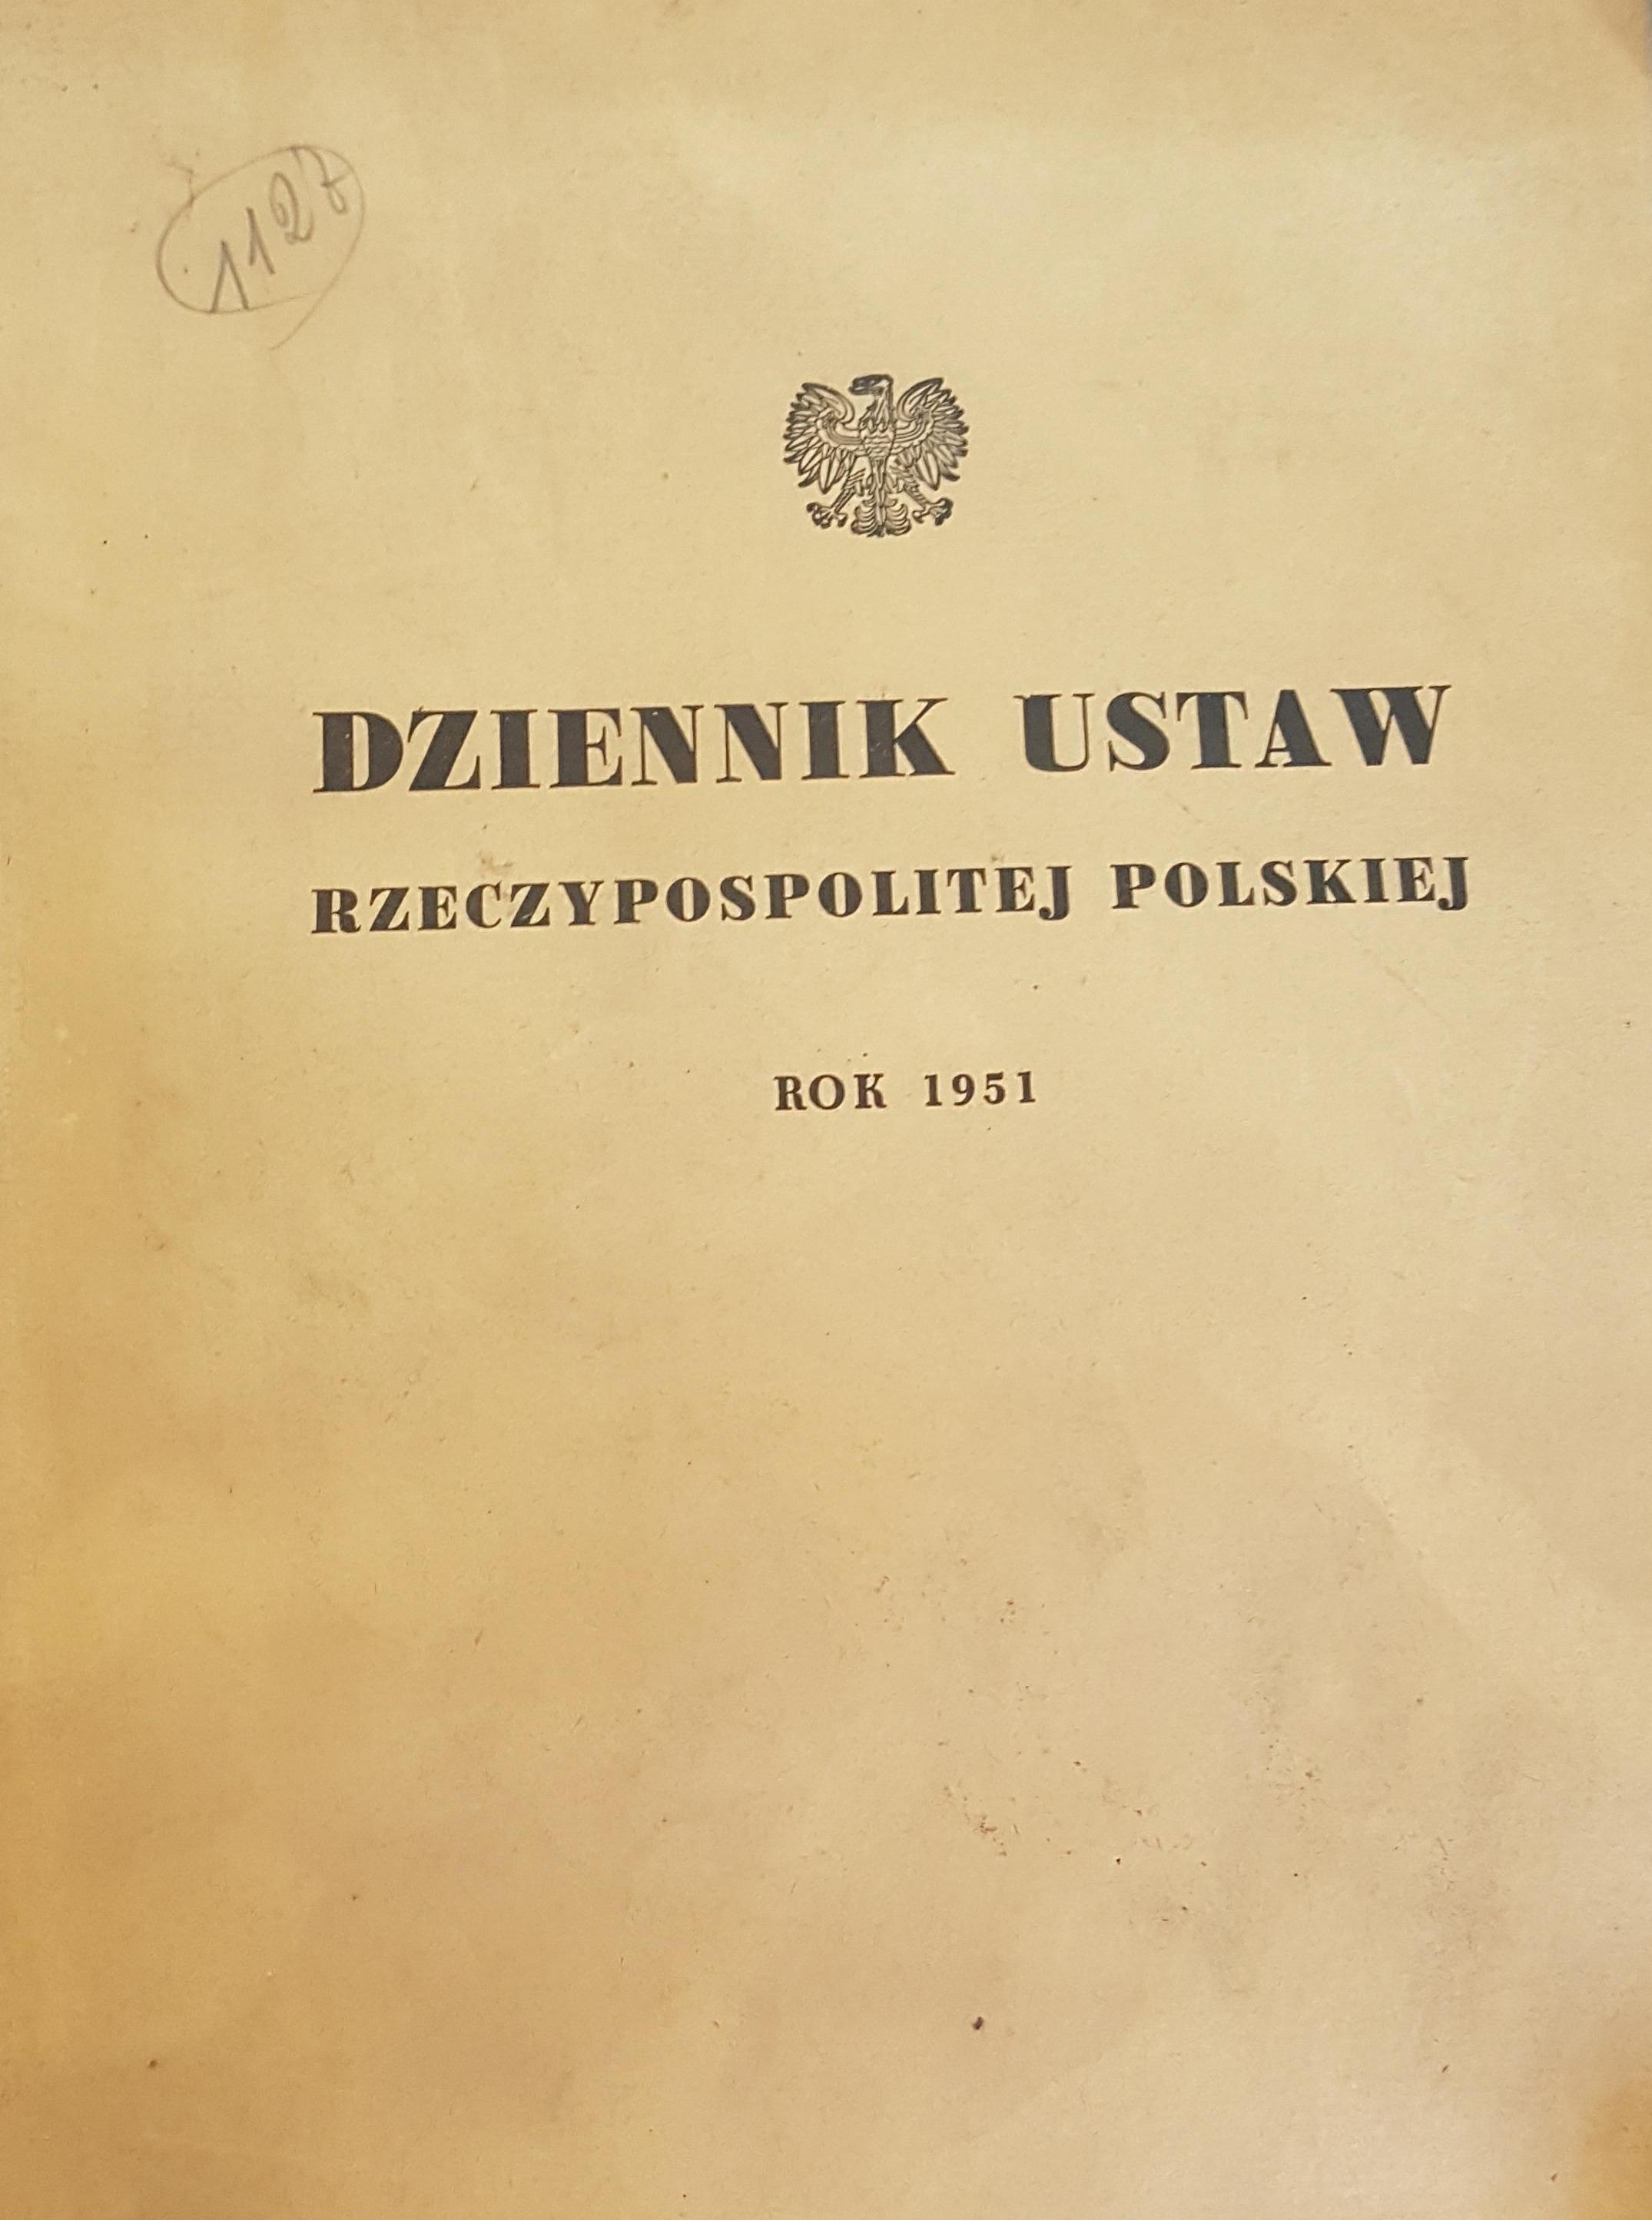 Dziennik ustaw Rzeczypospolitej Polskiej rok 1951 ...